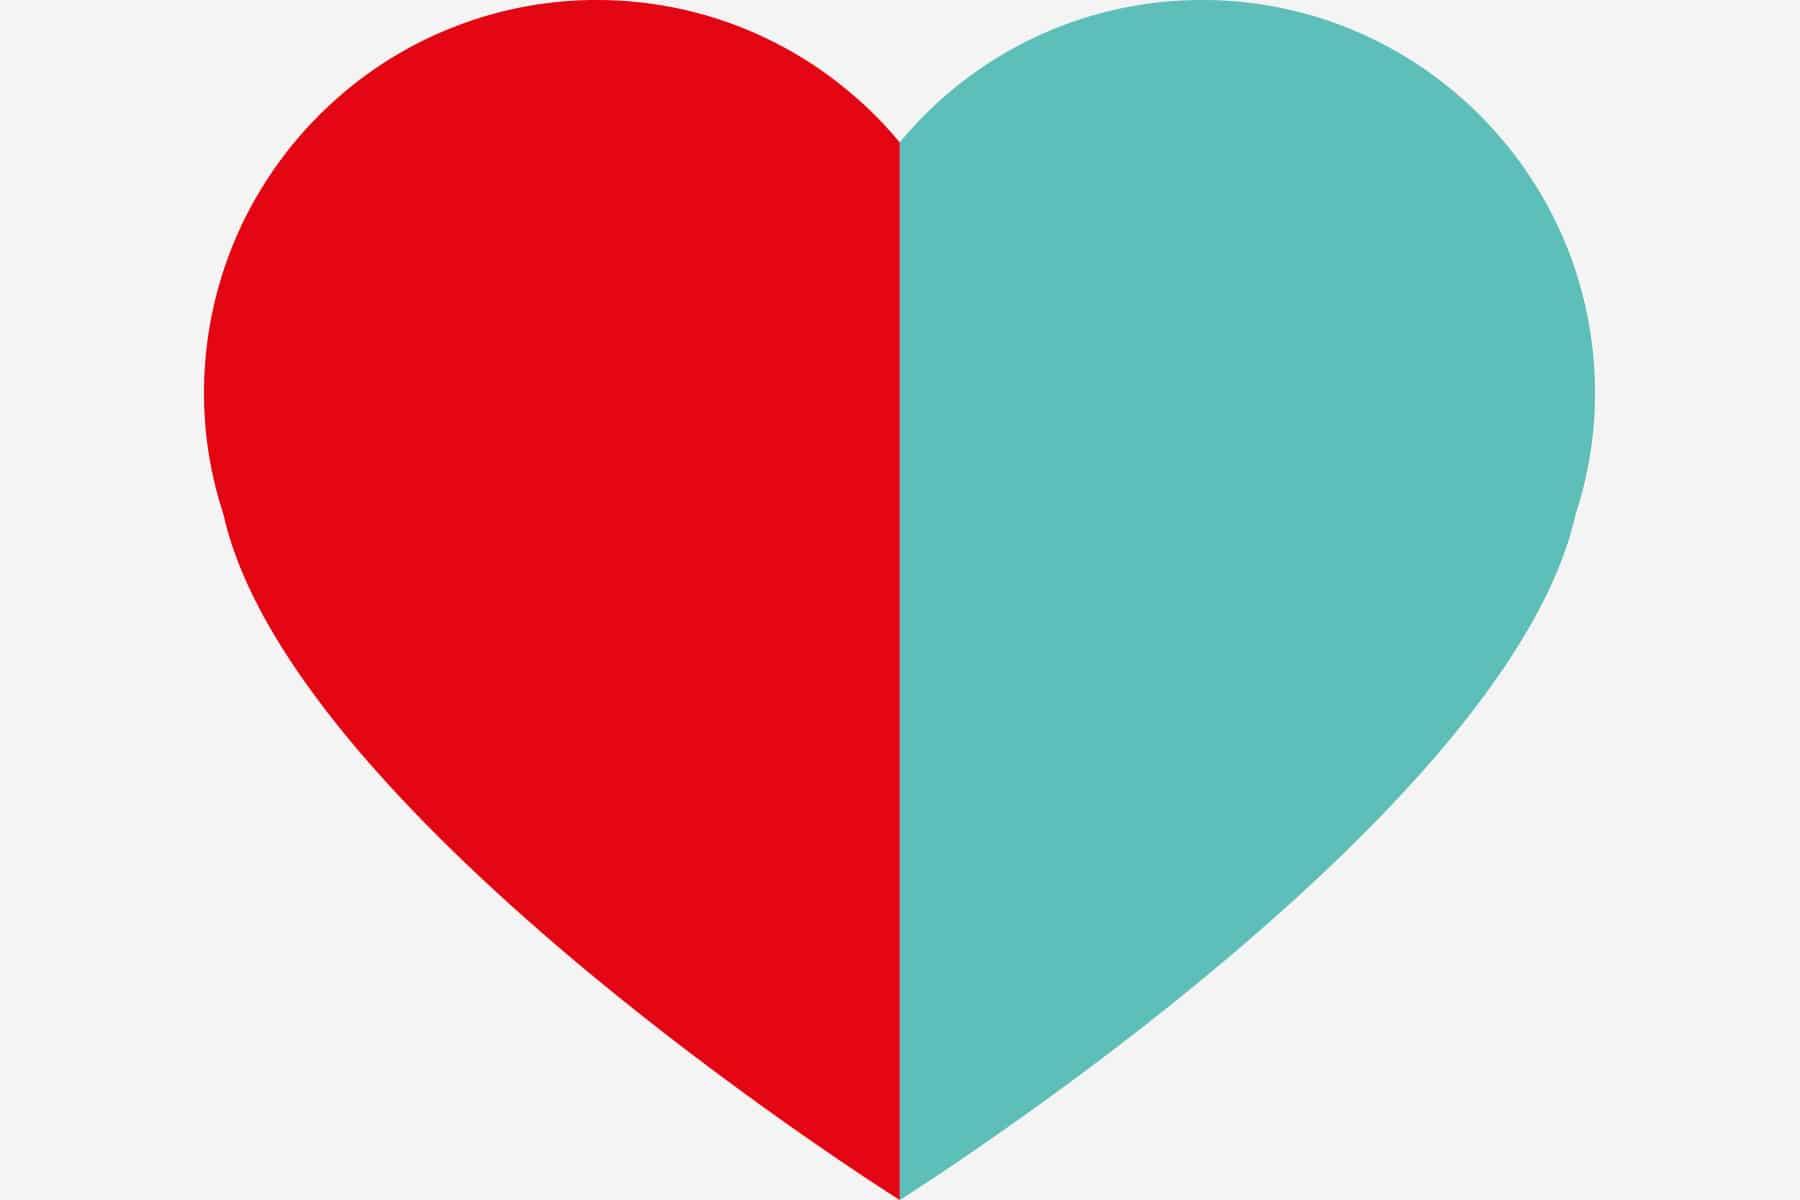 Herzensthemen